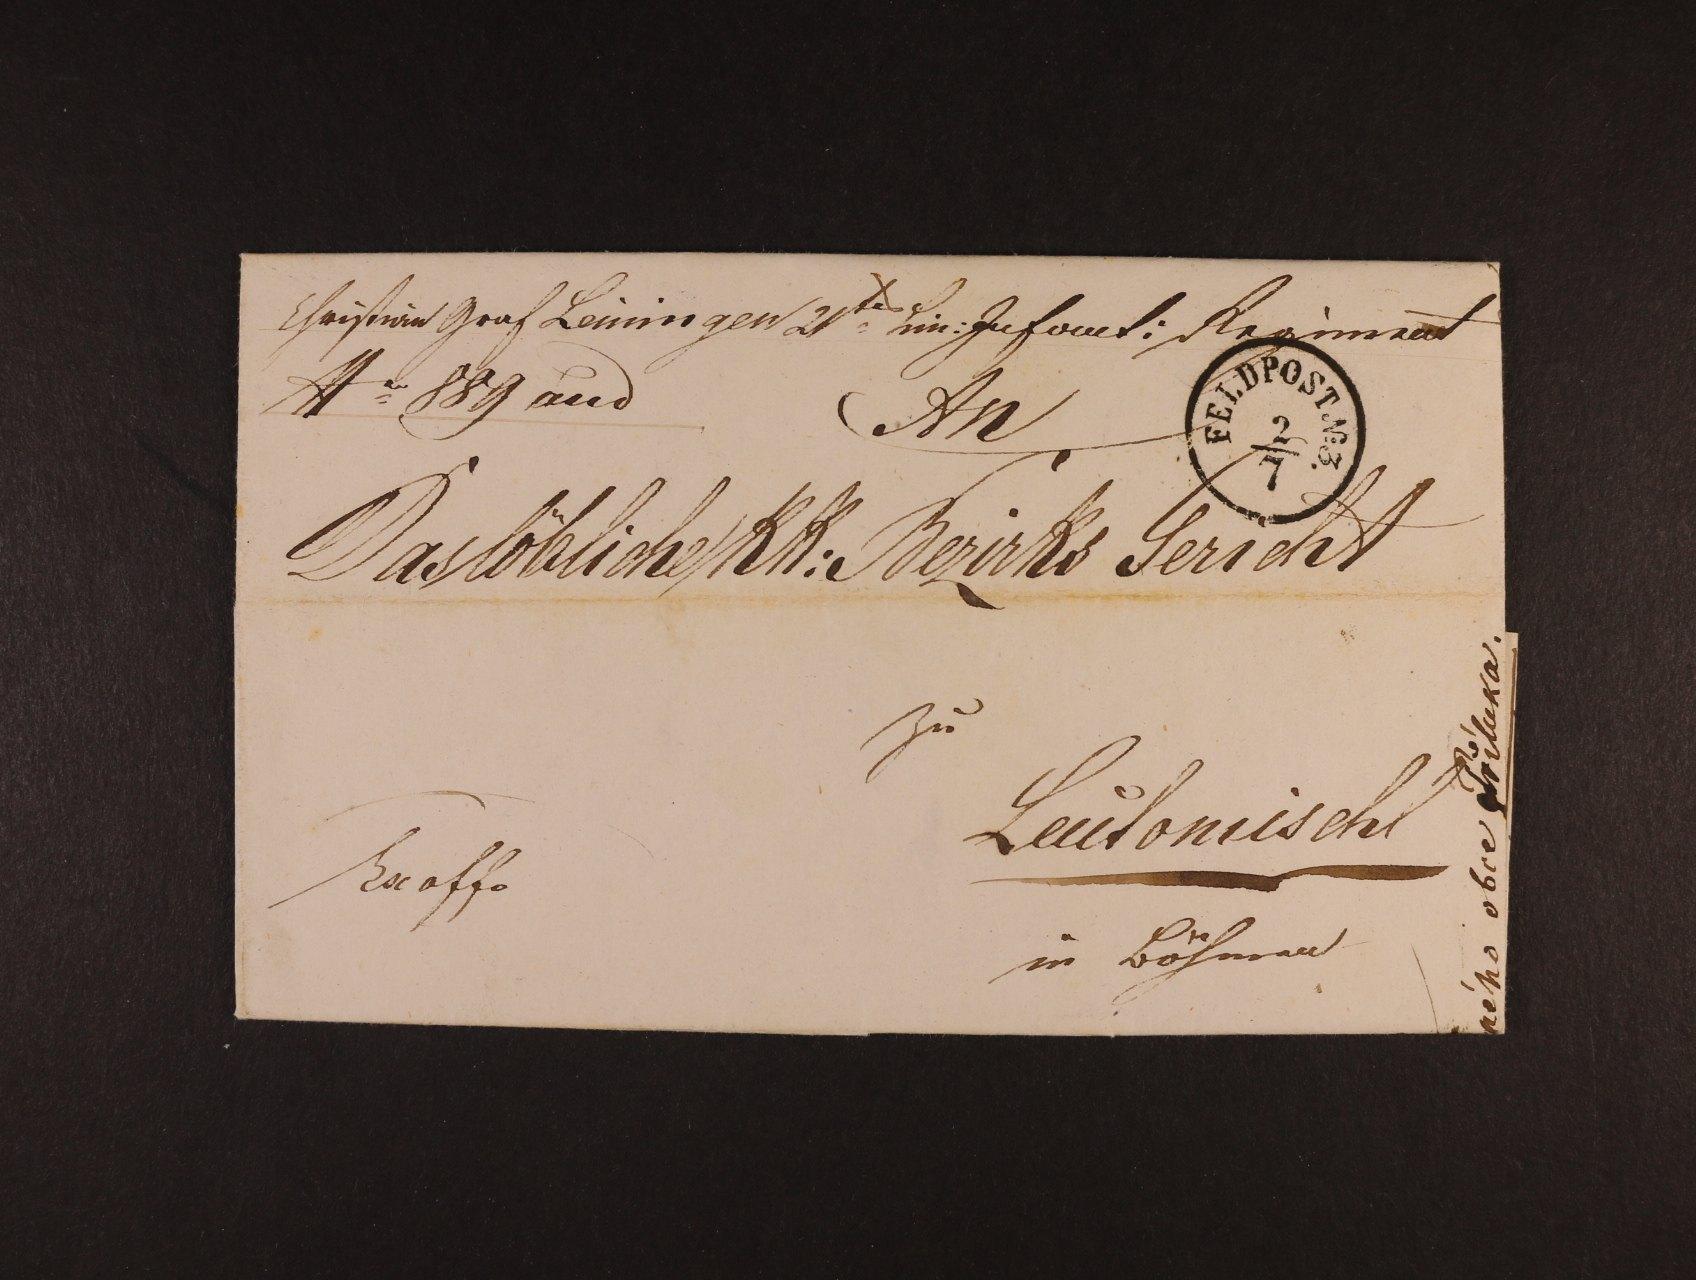 skl. služ. dopis do Litomxšle z Ancony 28.6.1852 s jednokruh. černým raz. FELDPOST No. 3, průch. a přích. raz.,